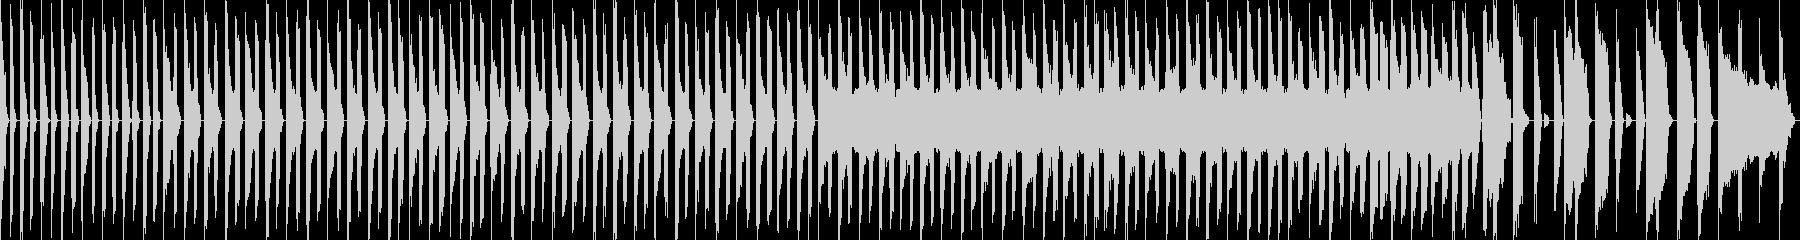 チップチューン風の行進曲の未再生の波形